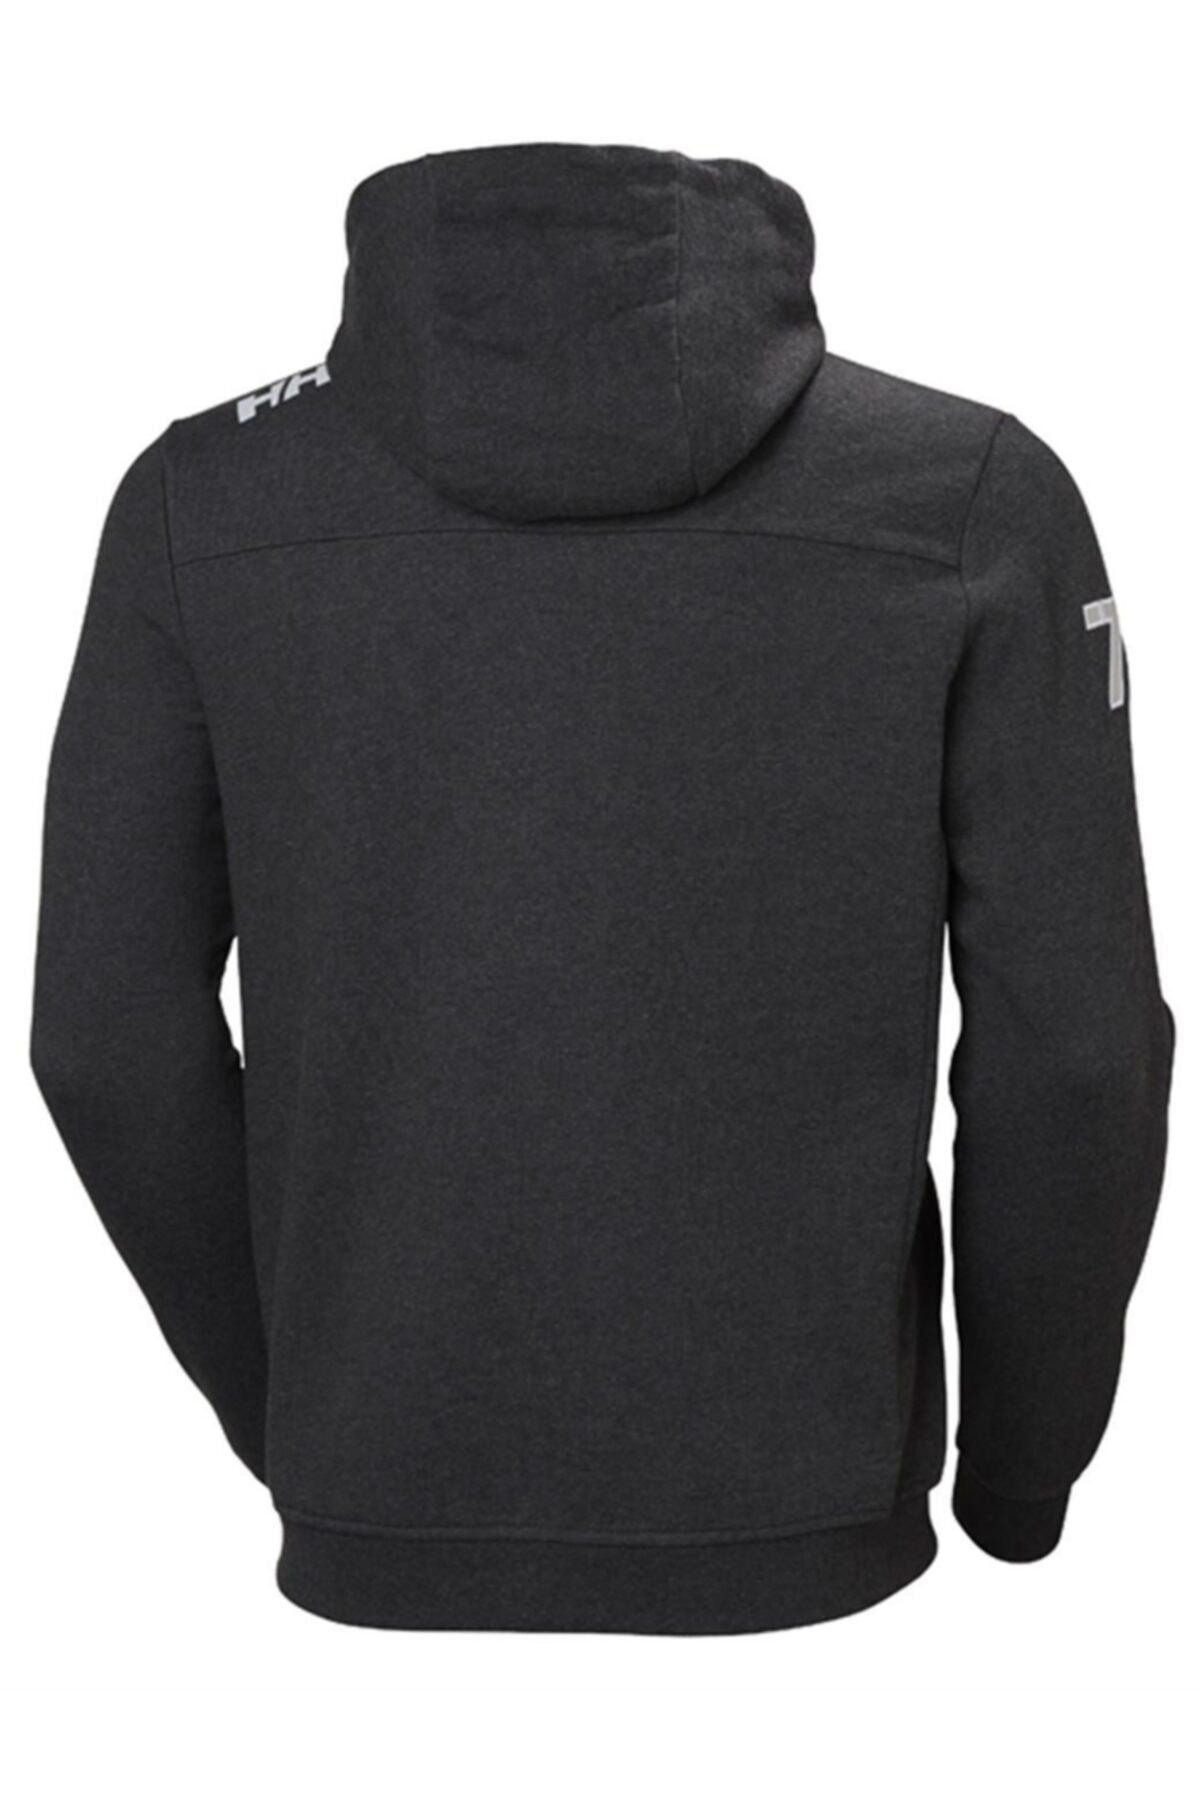 Helly Hansen Club Fz Hoodie Gri Erkek Fermuarlı Sweat Shirt 2